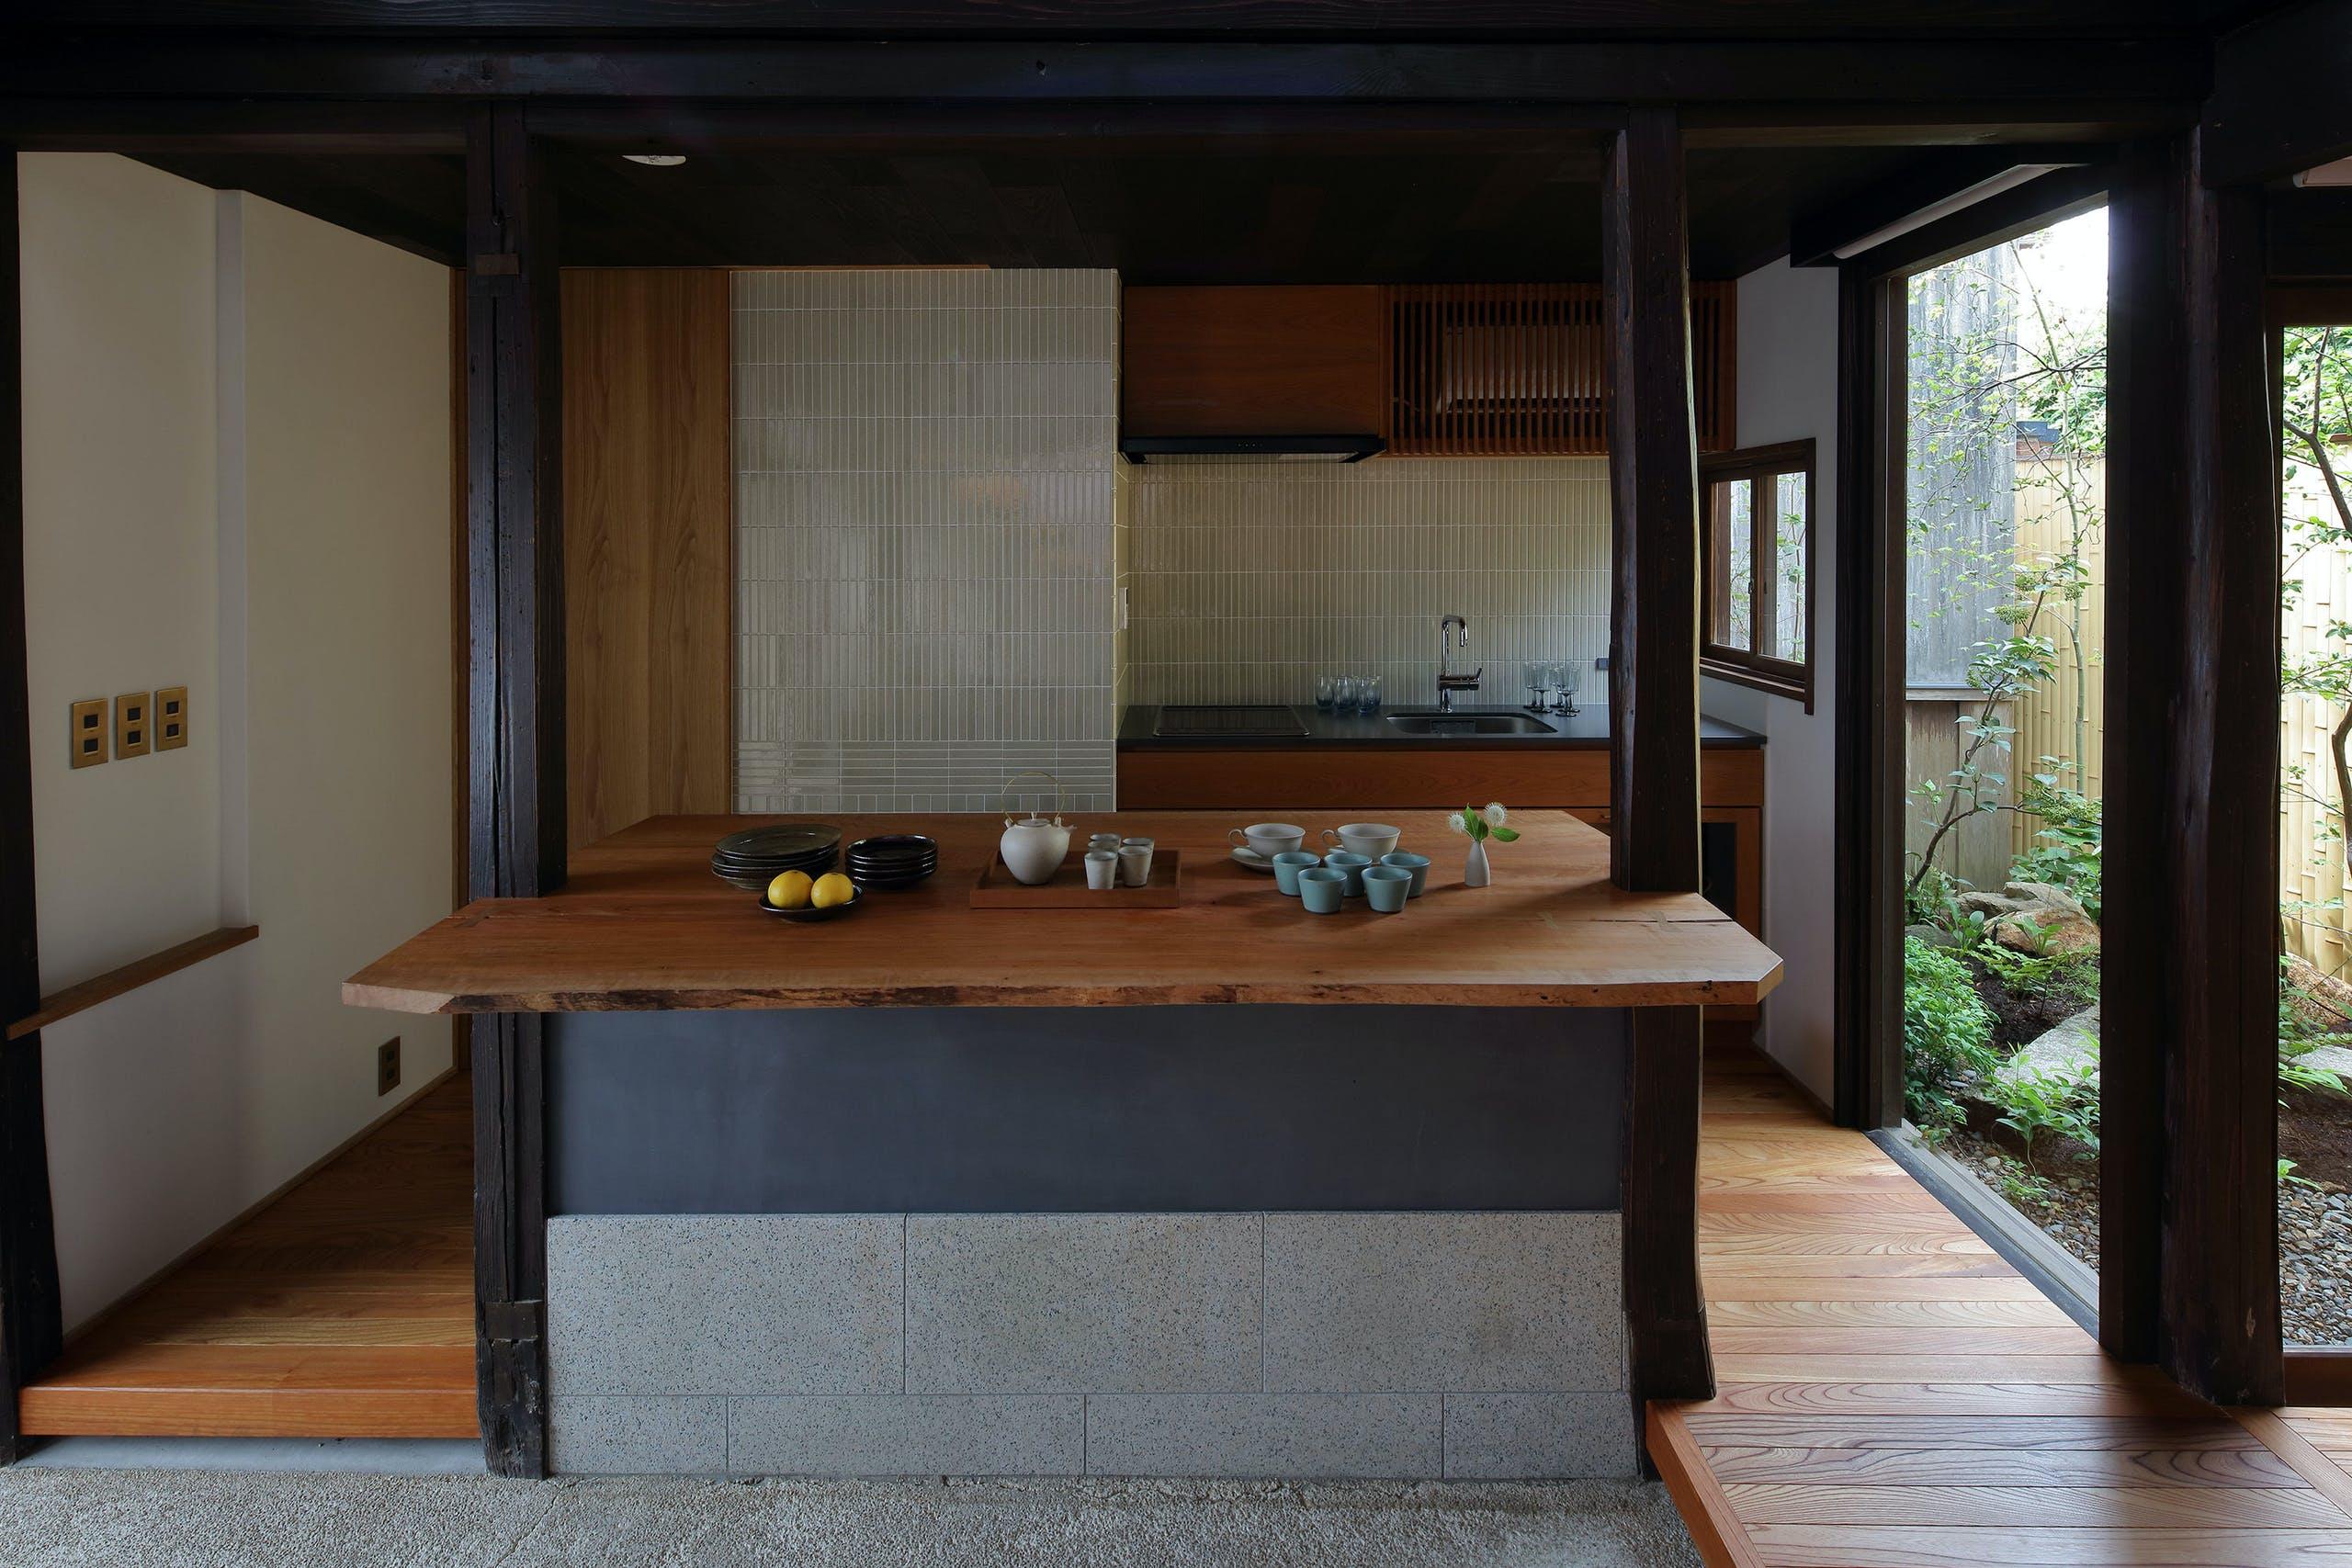 桜の木のキッチンで、地元の食材を調理